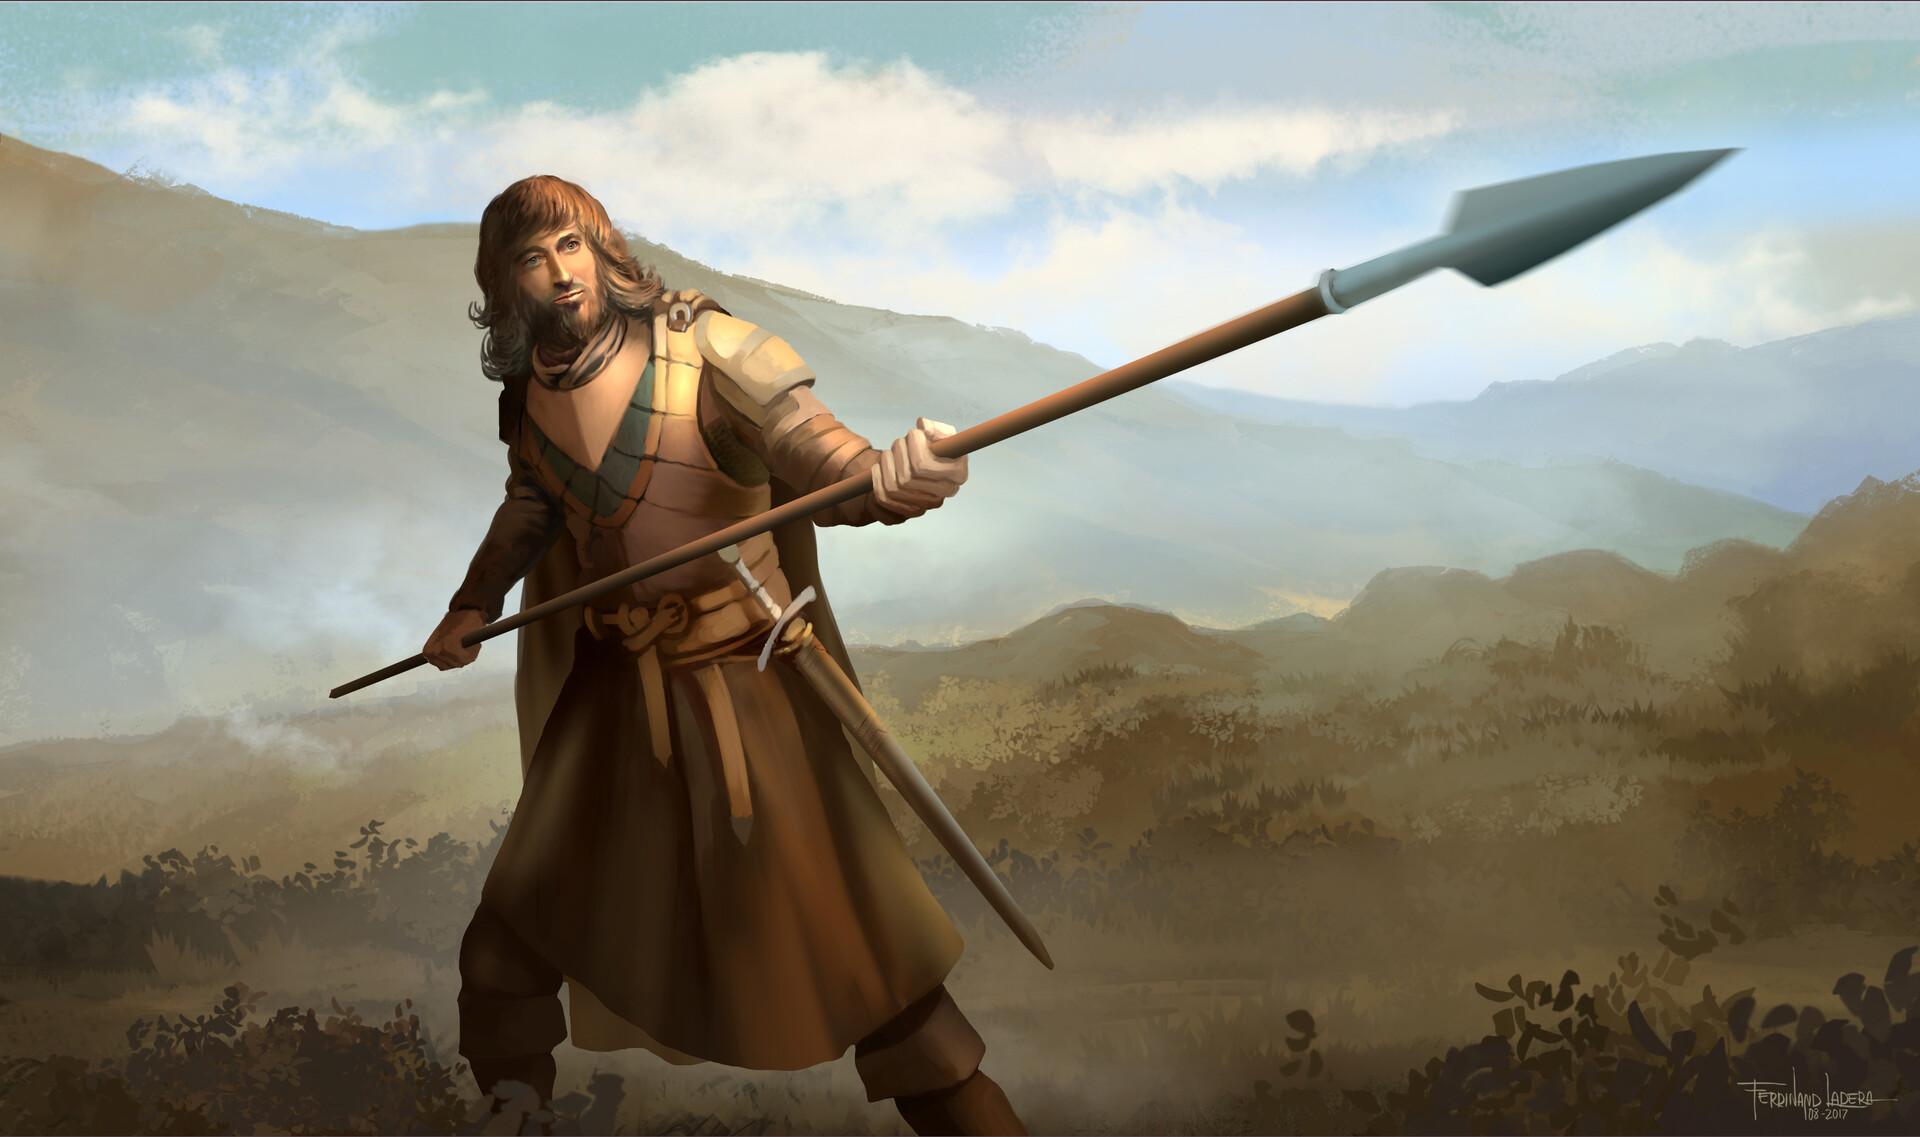 Ferdinand ladera soldier